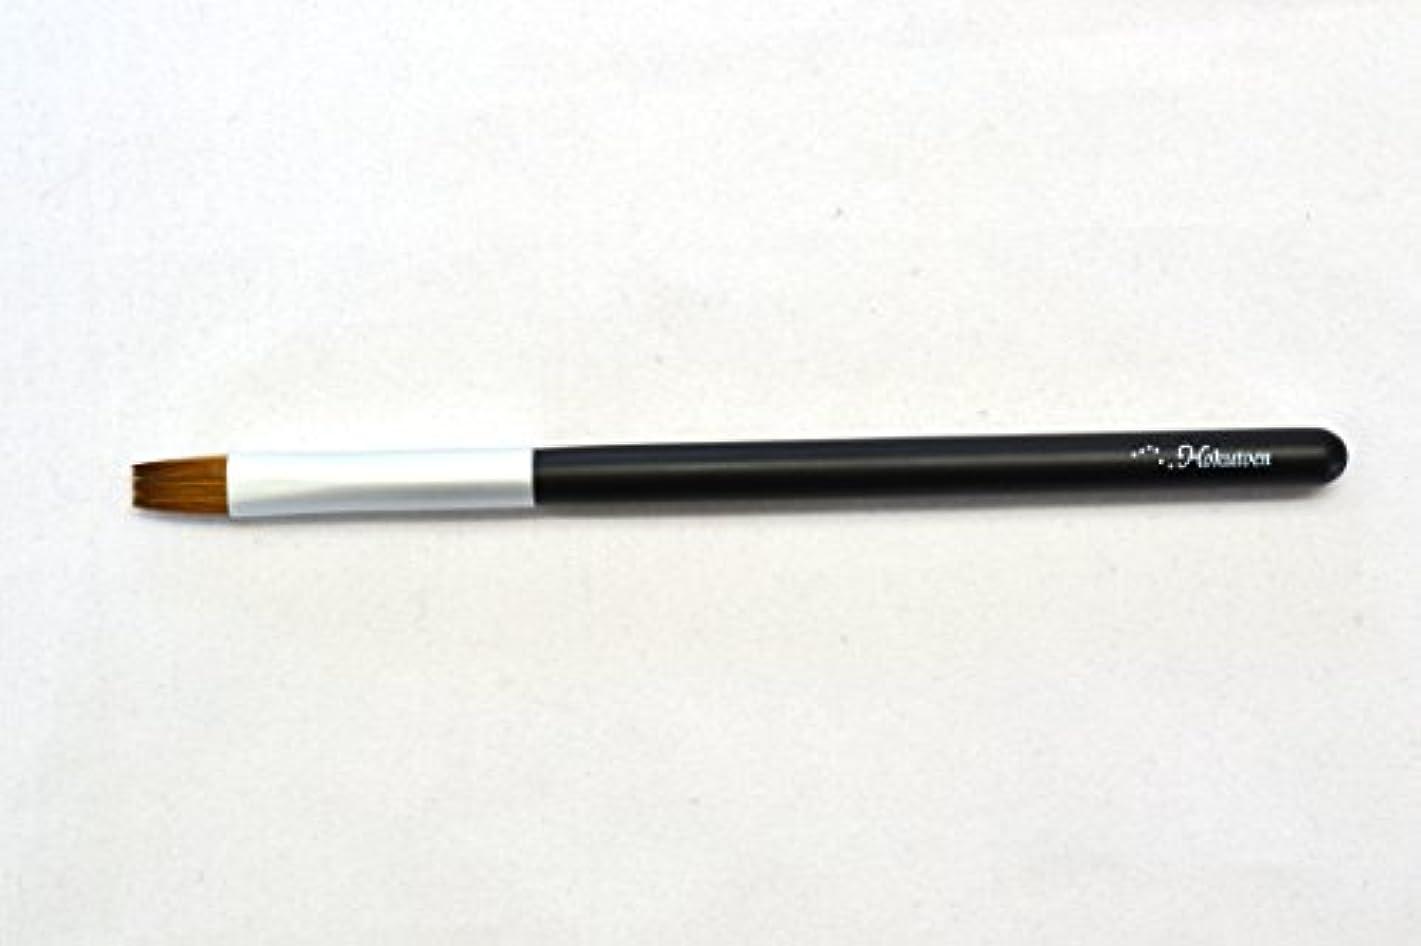 熊野筆 北斗園 Kシリーズ リップブラシ(黒銀)